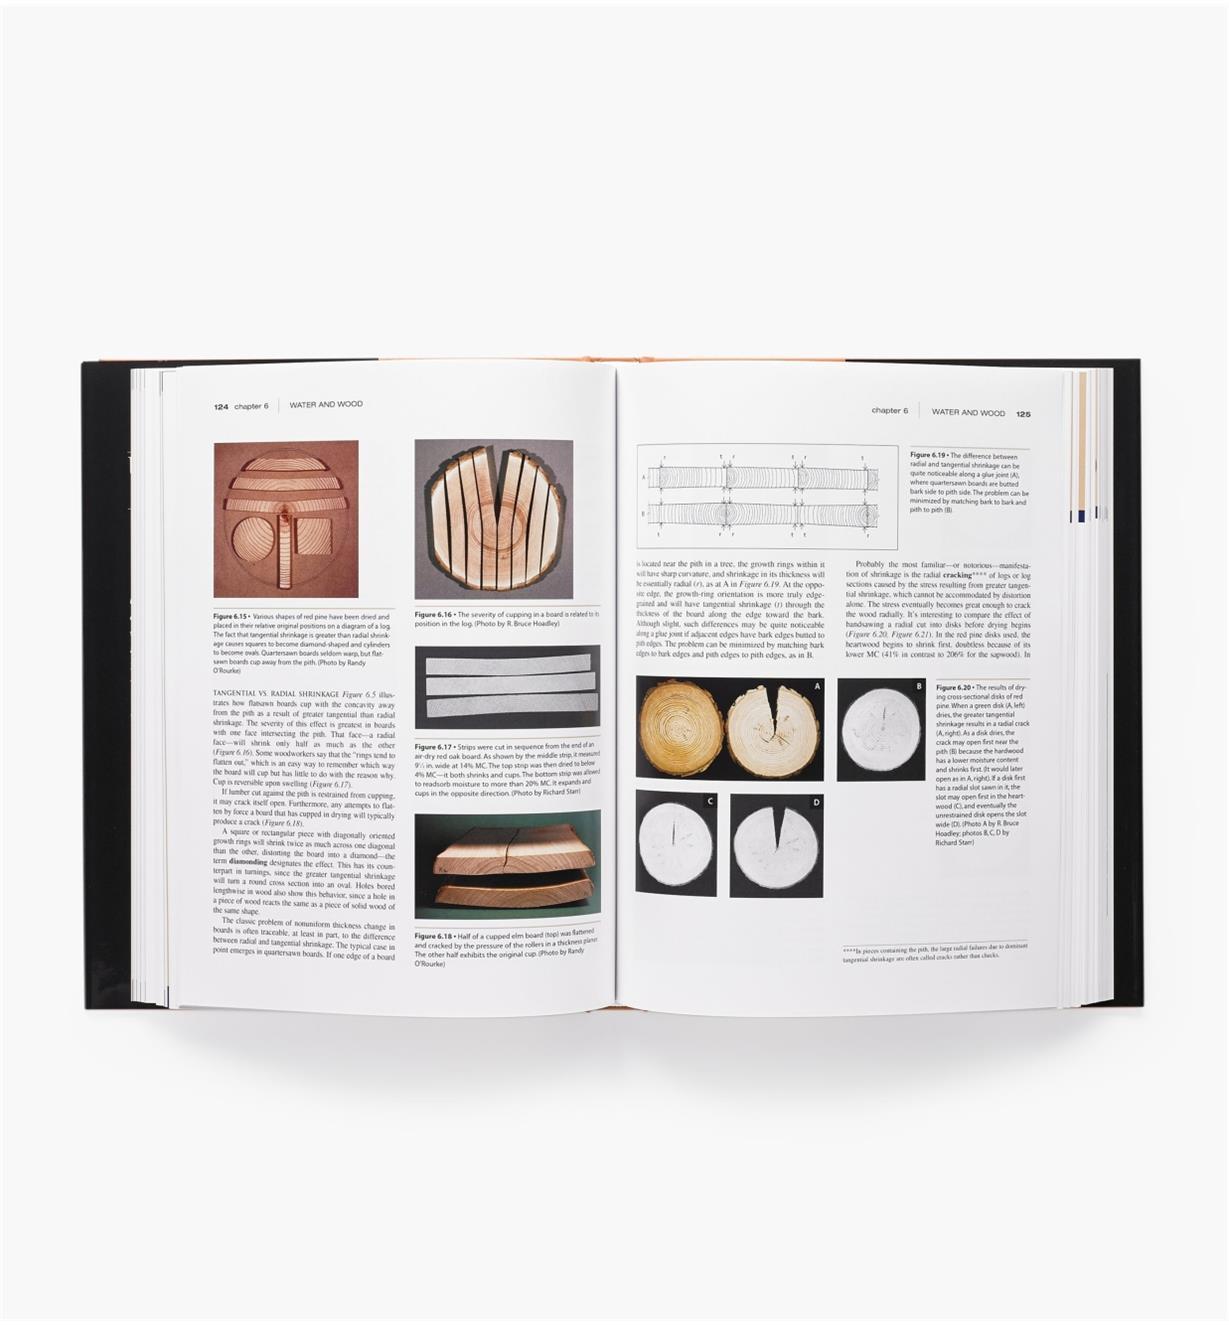 73L0106 - Understanding Wood